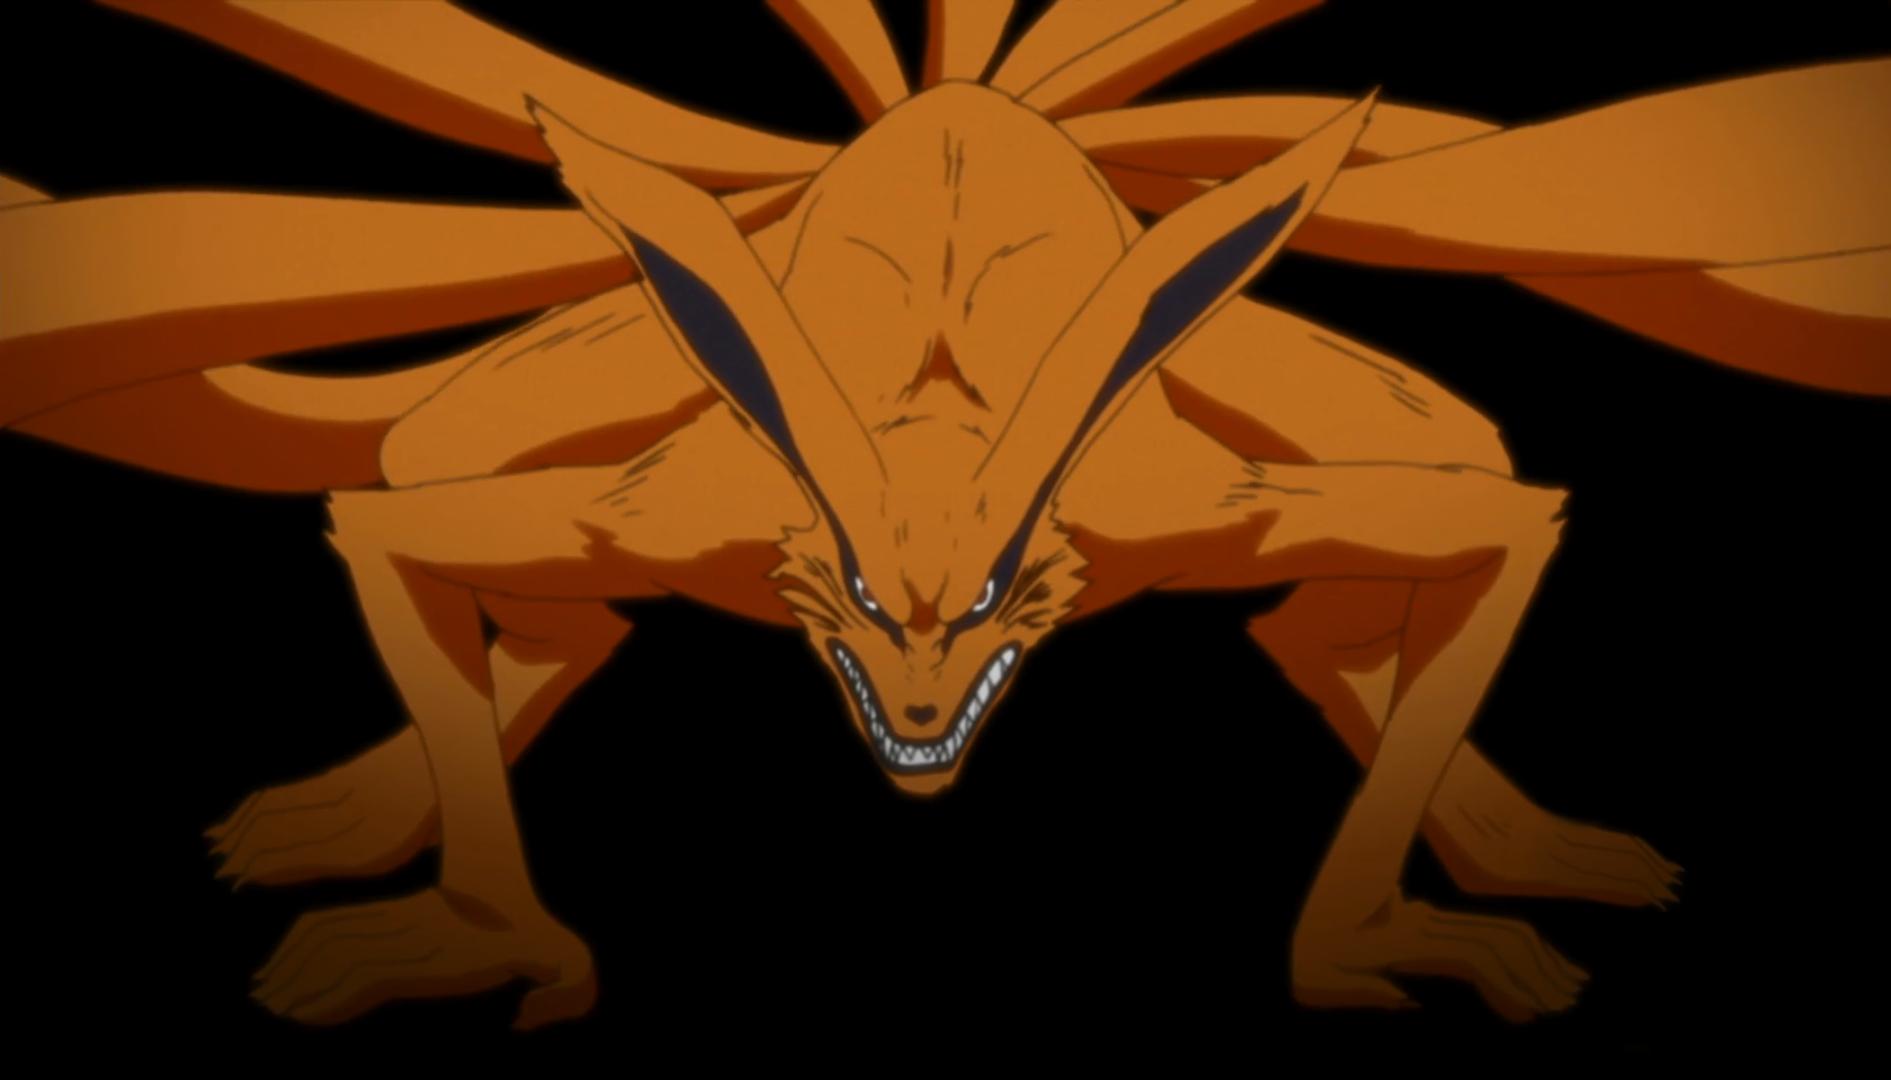 Kurama narutopedia fandom powered by wikia - Naruto renard ...